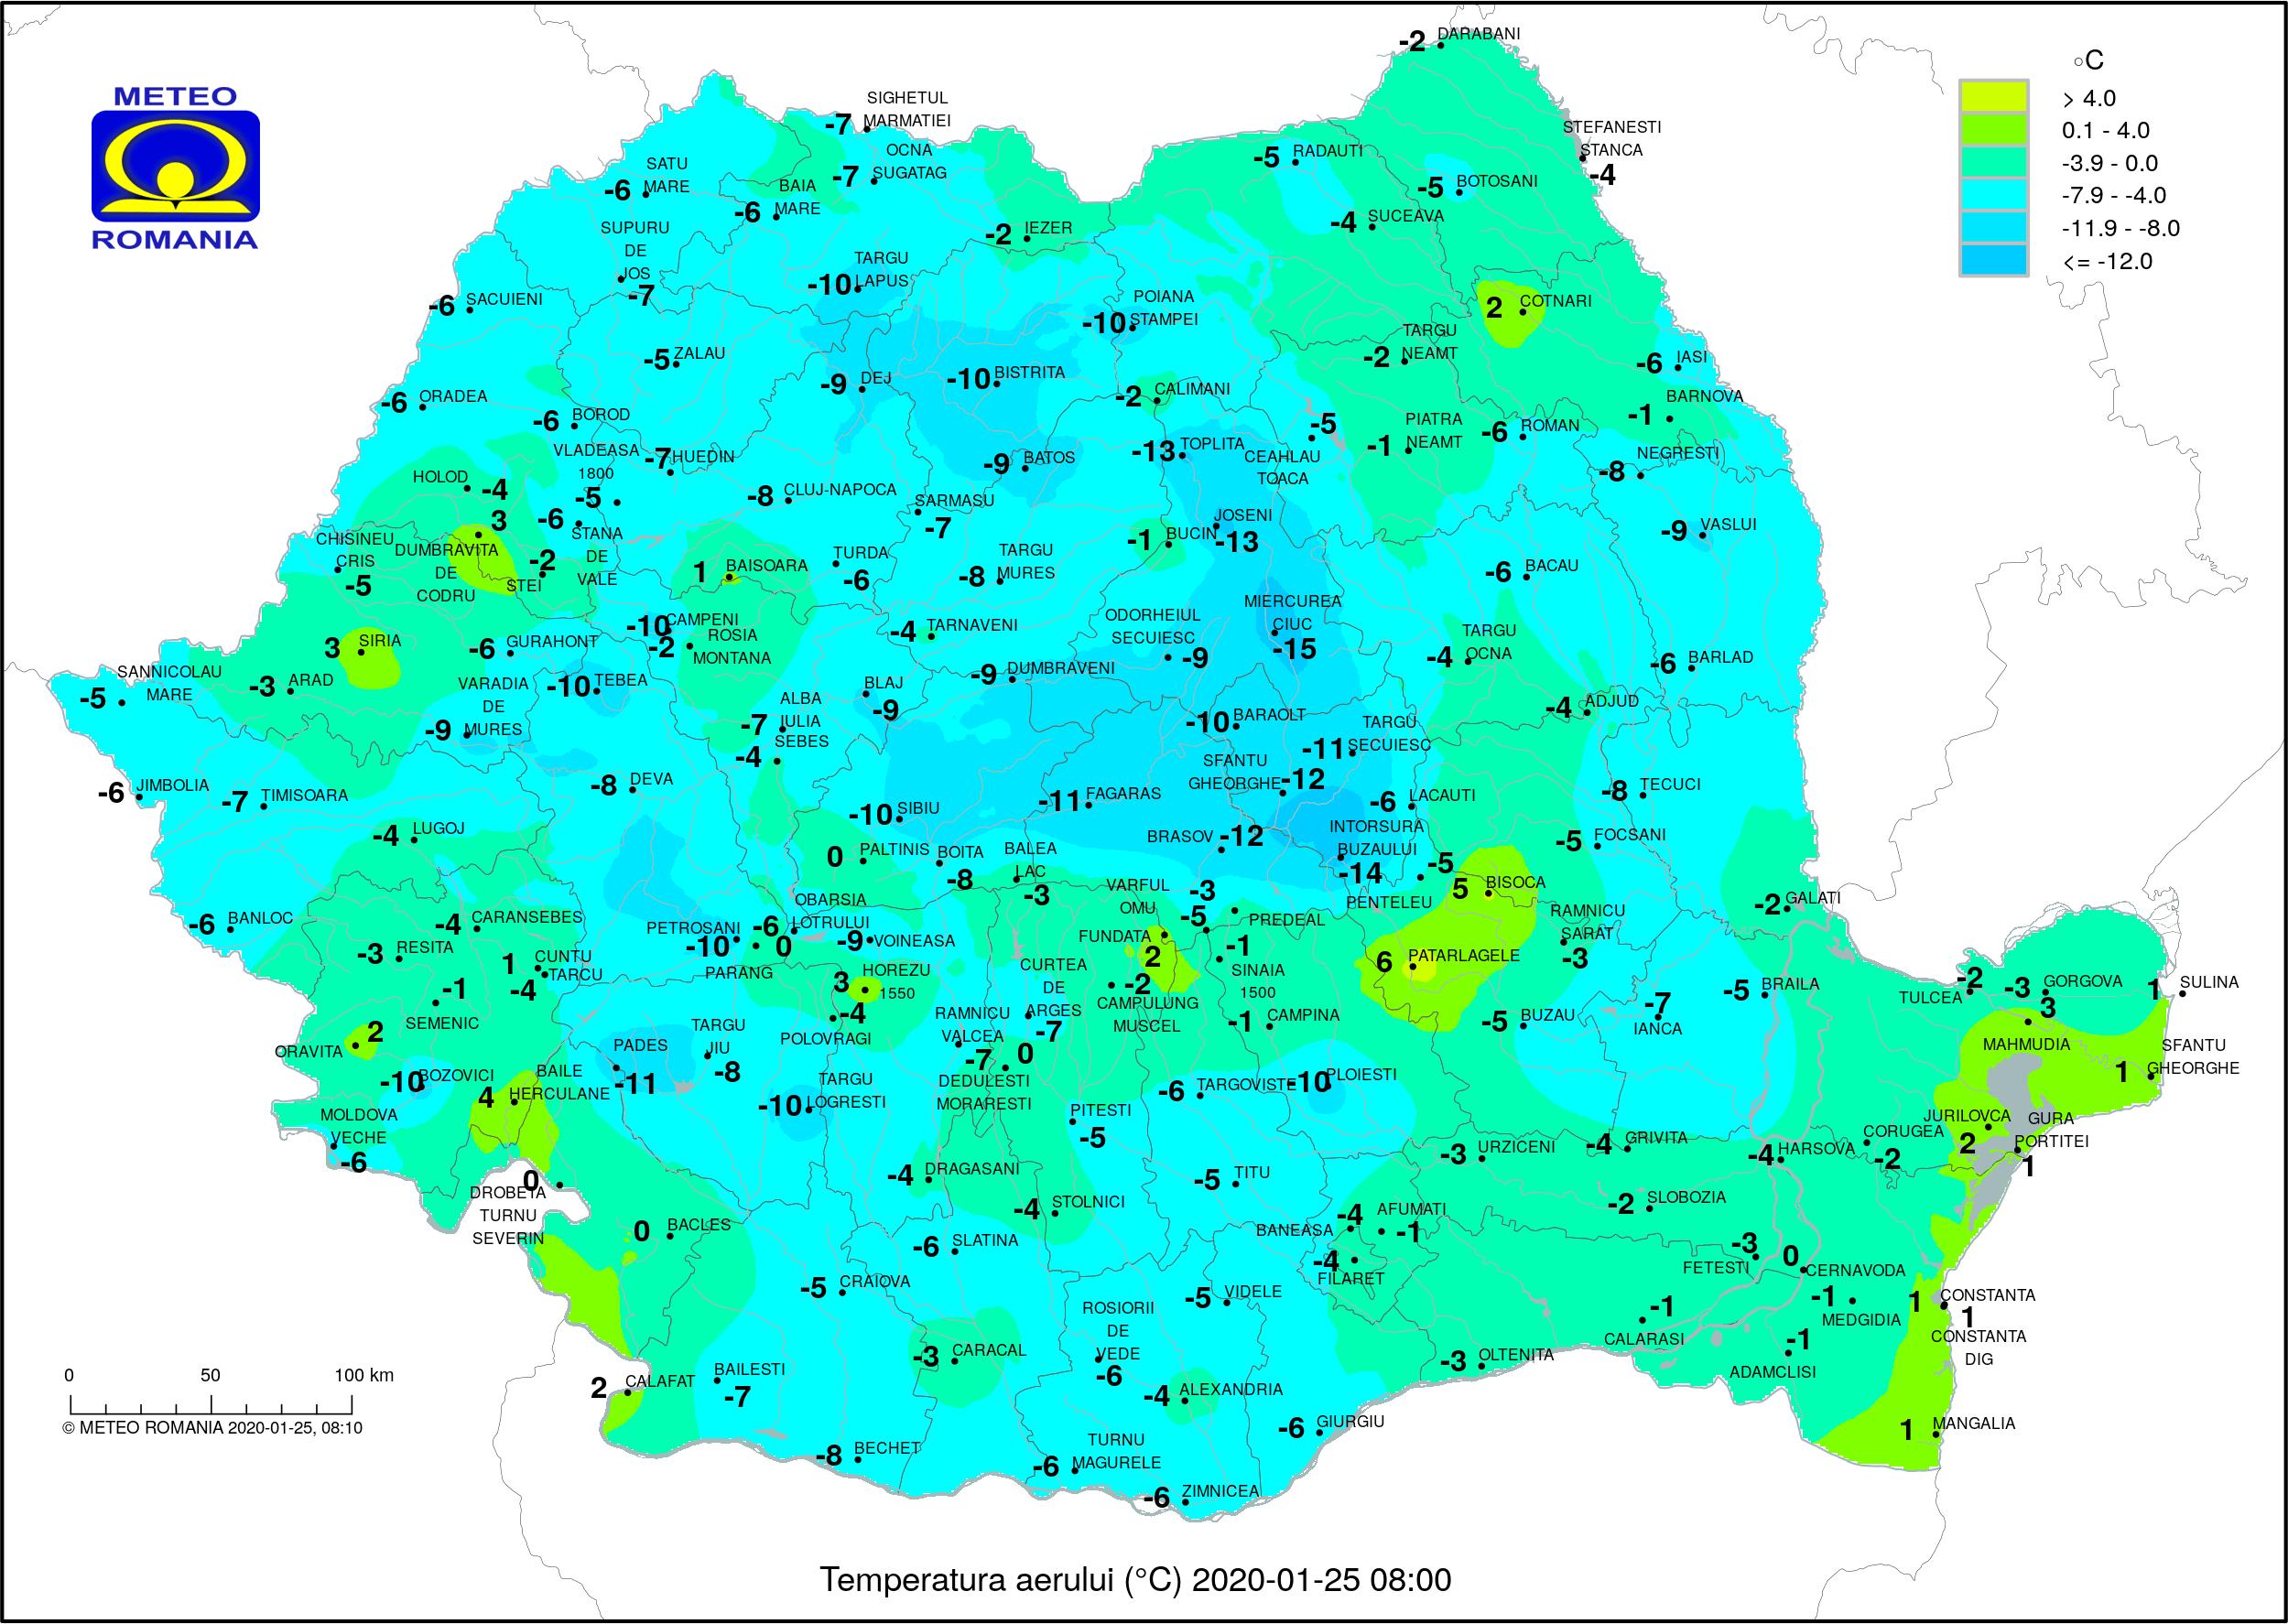 Temperaturi ora 8 Romania